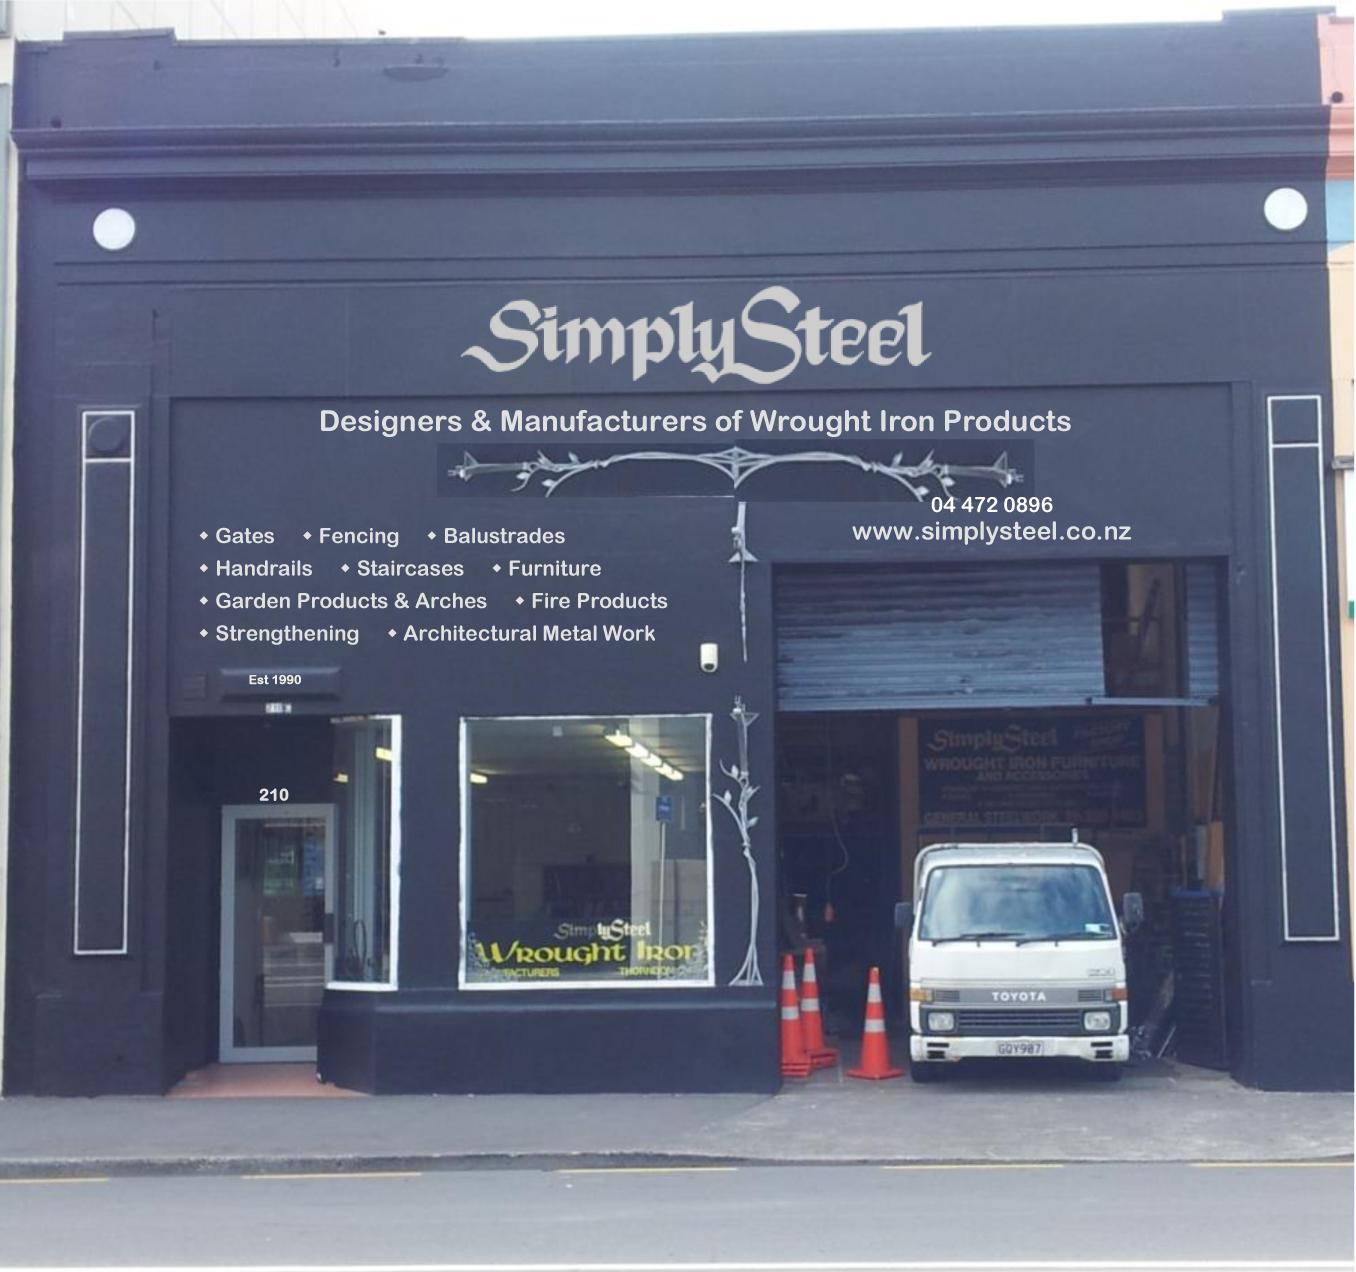 SimplySteel bespoke wrought iron & metal work